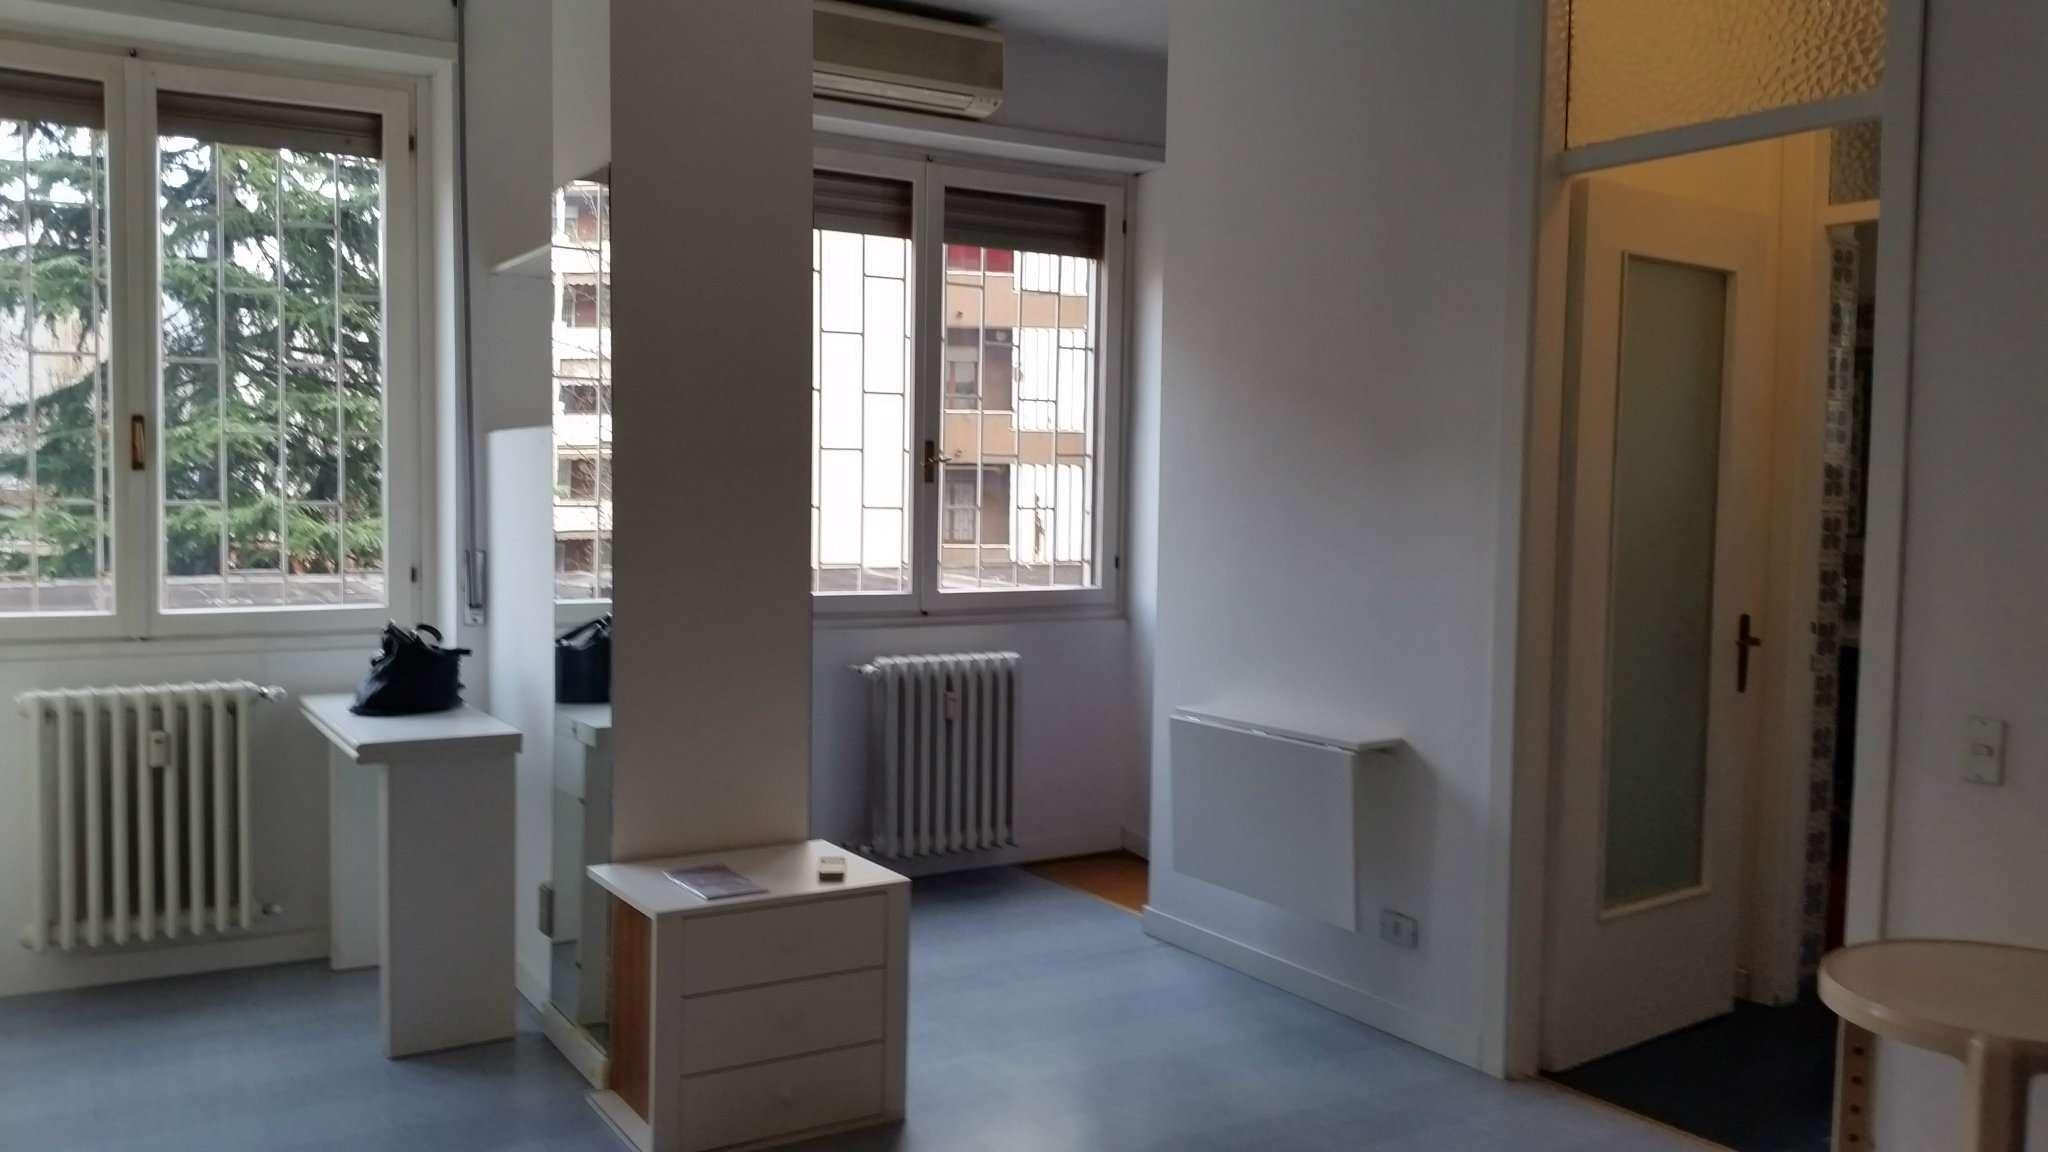 Appartamento in affitto a Milano, 1 locali, zona Zona: 3 . Bicocca, Greco, Monza, Palmanova, Padova, prezzo € 600 | Cambio Casa.it